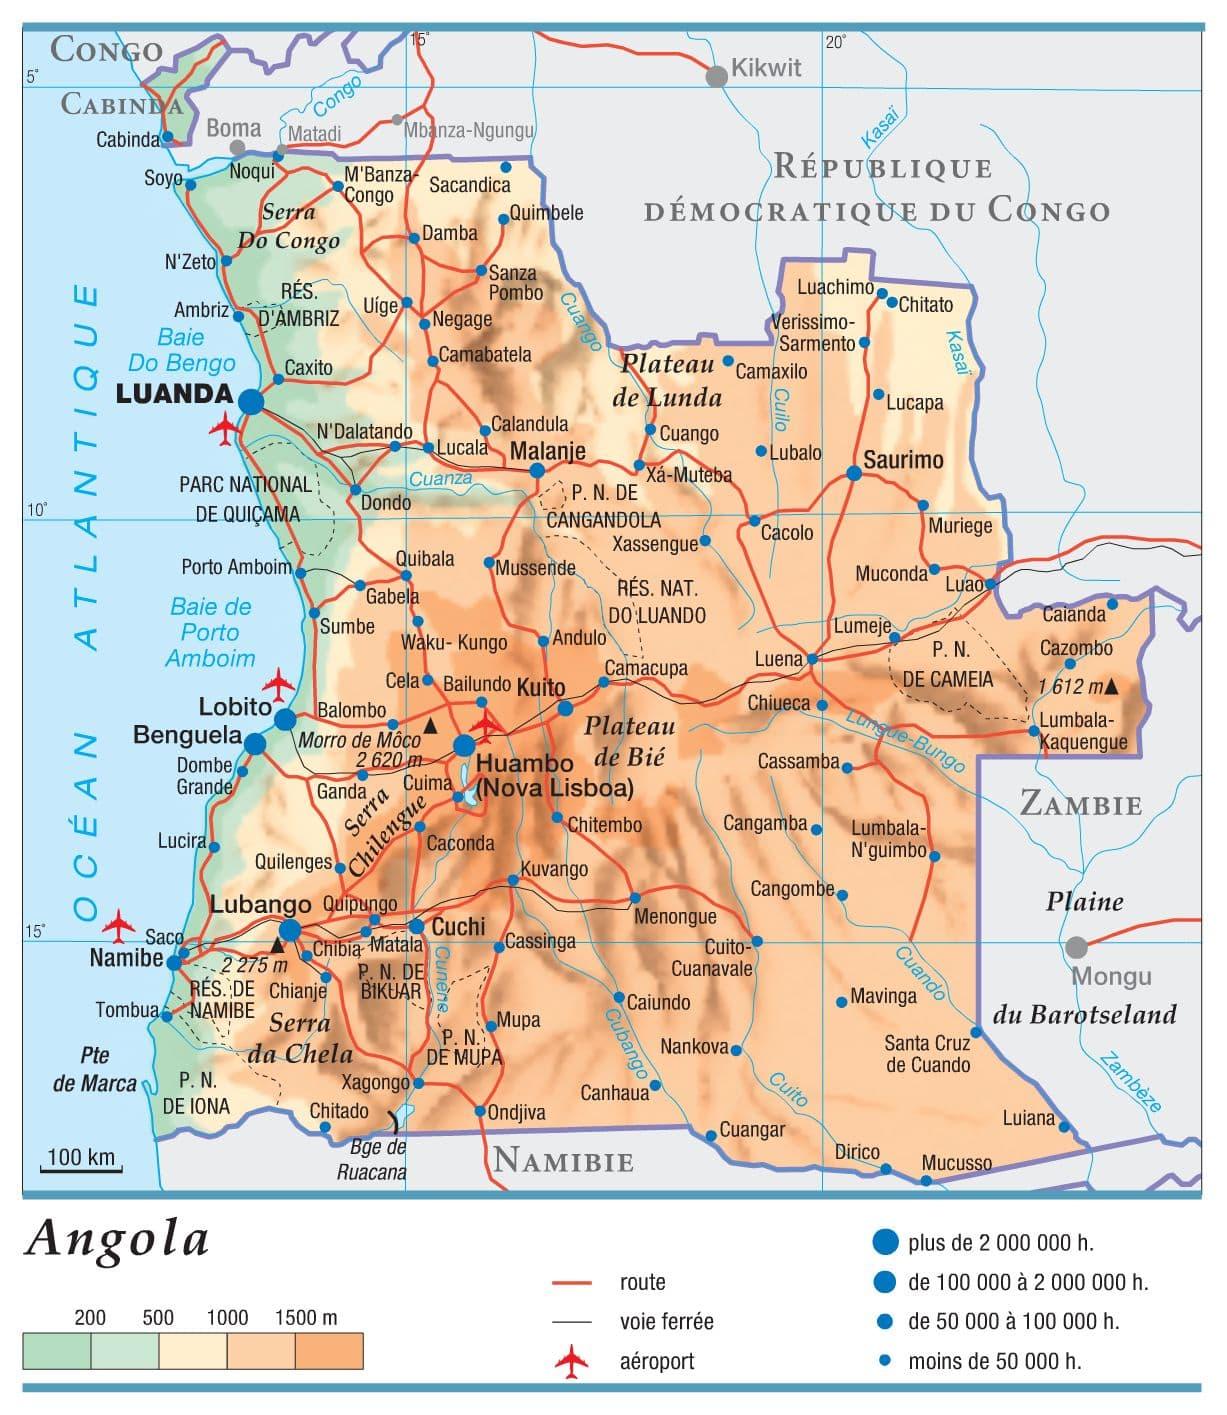 Encyclopédie Larousse en ligne   Angola République d'Angola